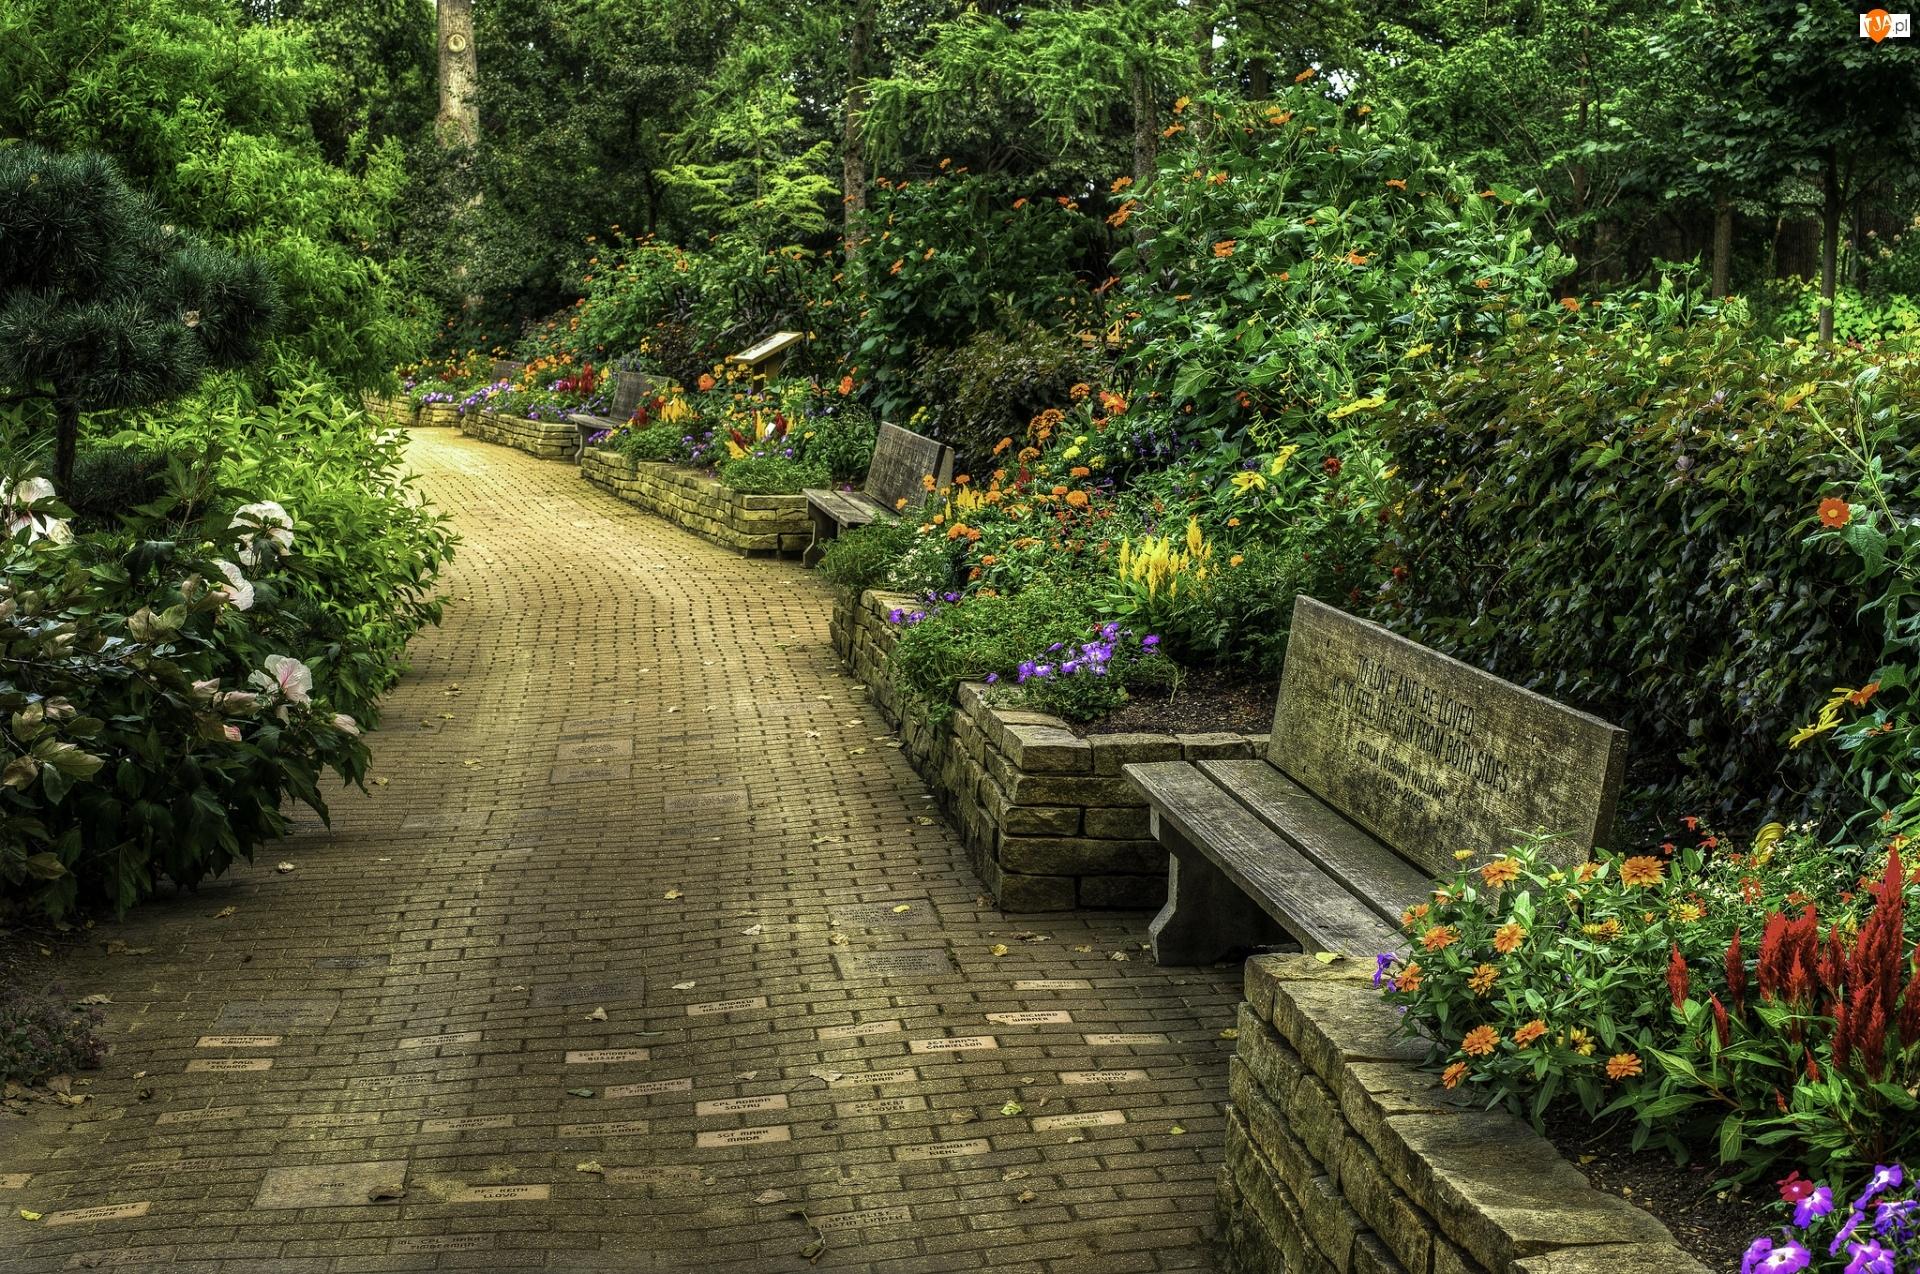 Kwiaty, Alejka, Drzewa, Stan Wisconsin, Ogród botaniczny Rotary Botanical Gardens, Stany Zjednoczone, Krzewy, Janesville, Ławki